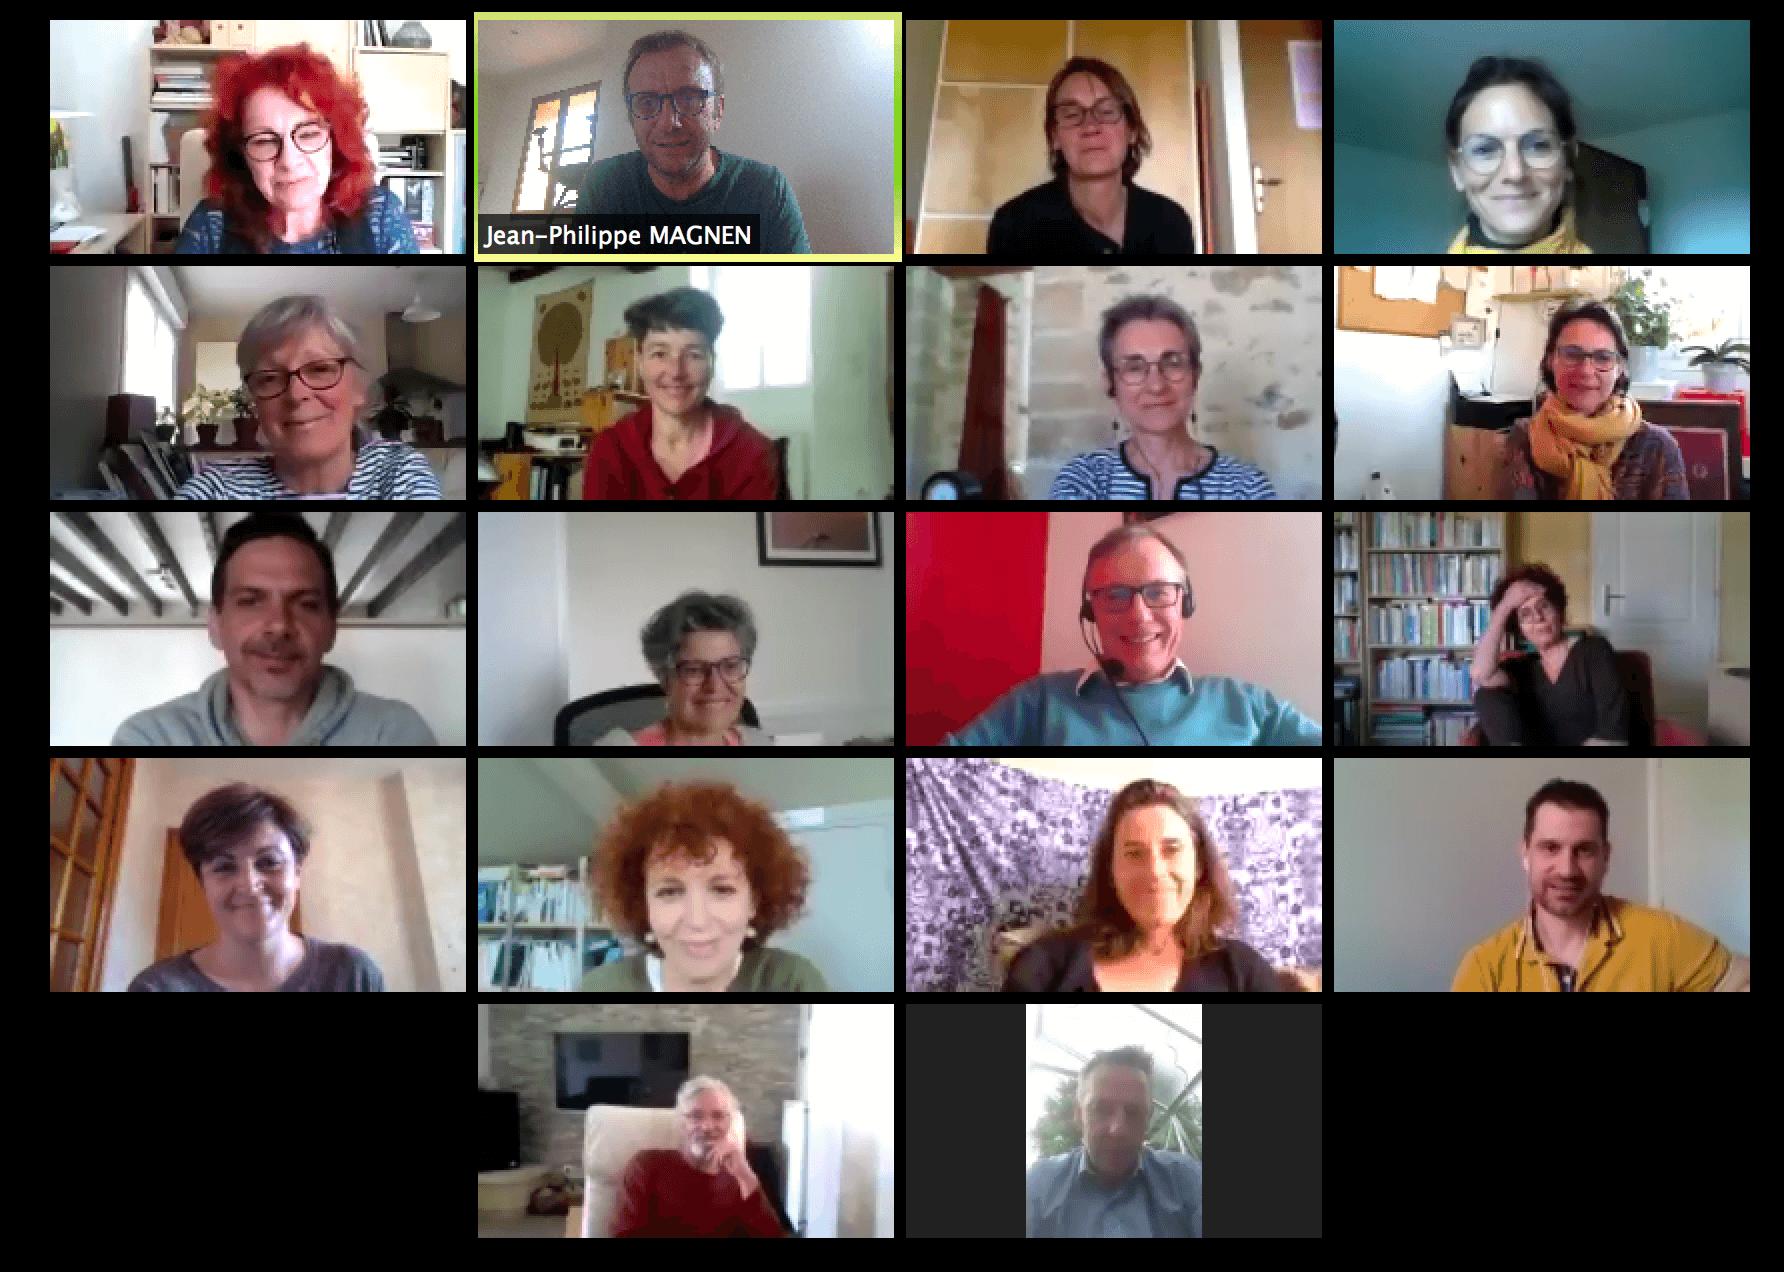 capture d'écran des 18 participants à la visio-réunion